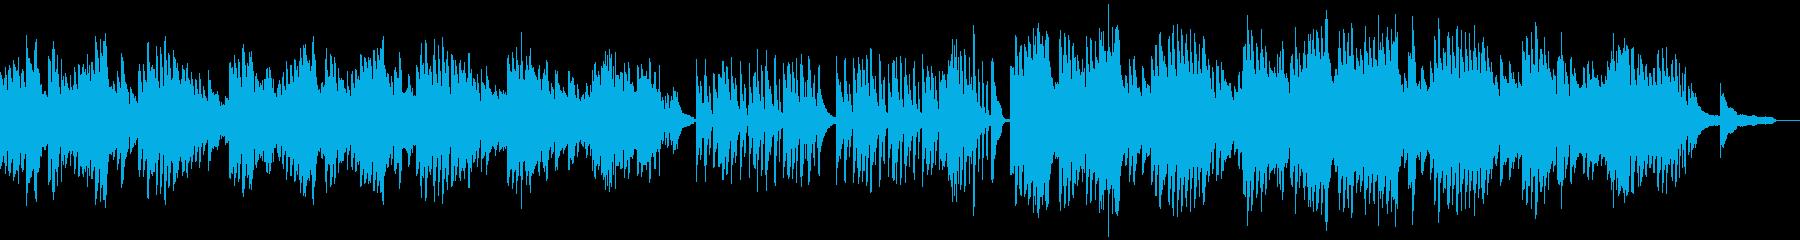 穏やかな日常を演出するソロピアノの再生済みの波形